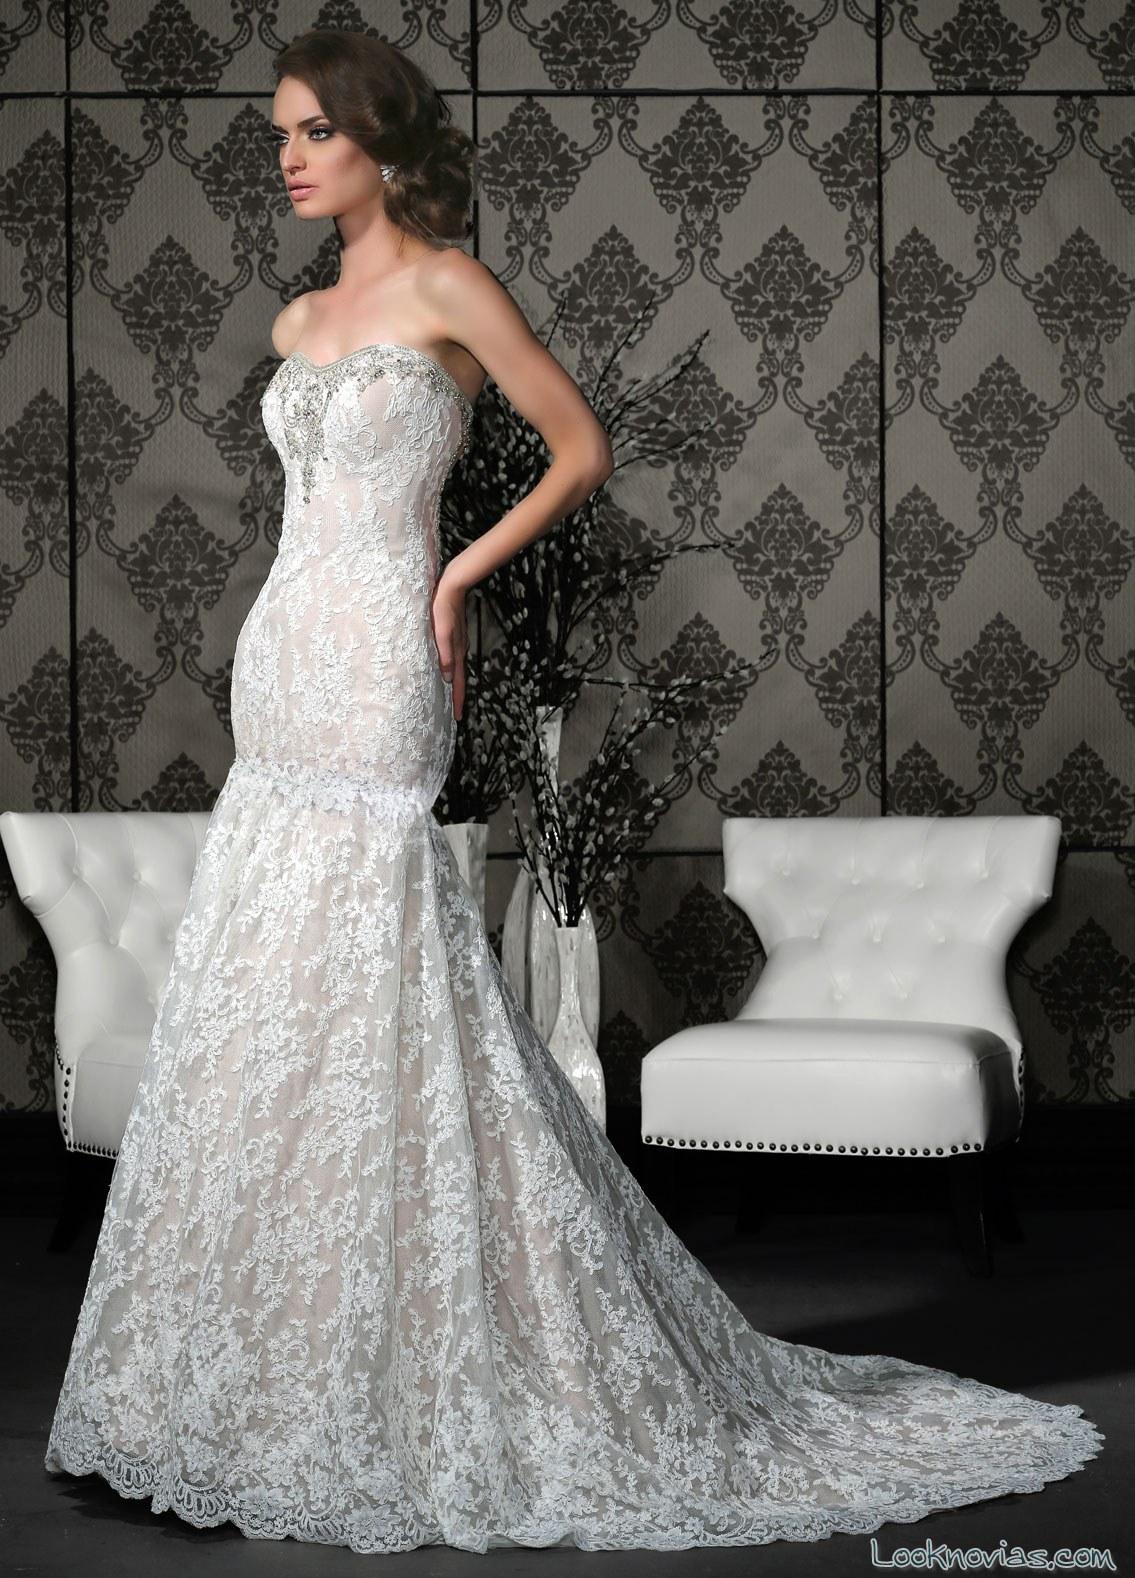 vestido recto cuerpo ajustado novias impression bridal